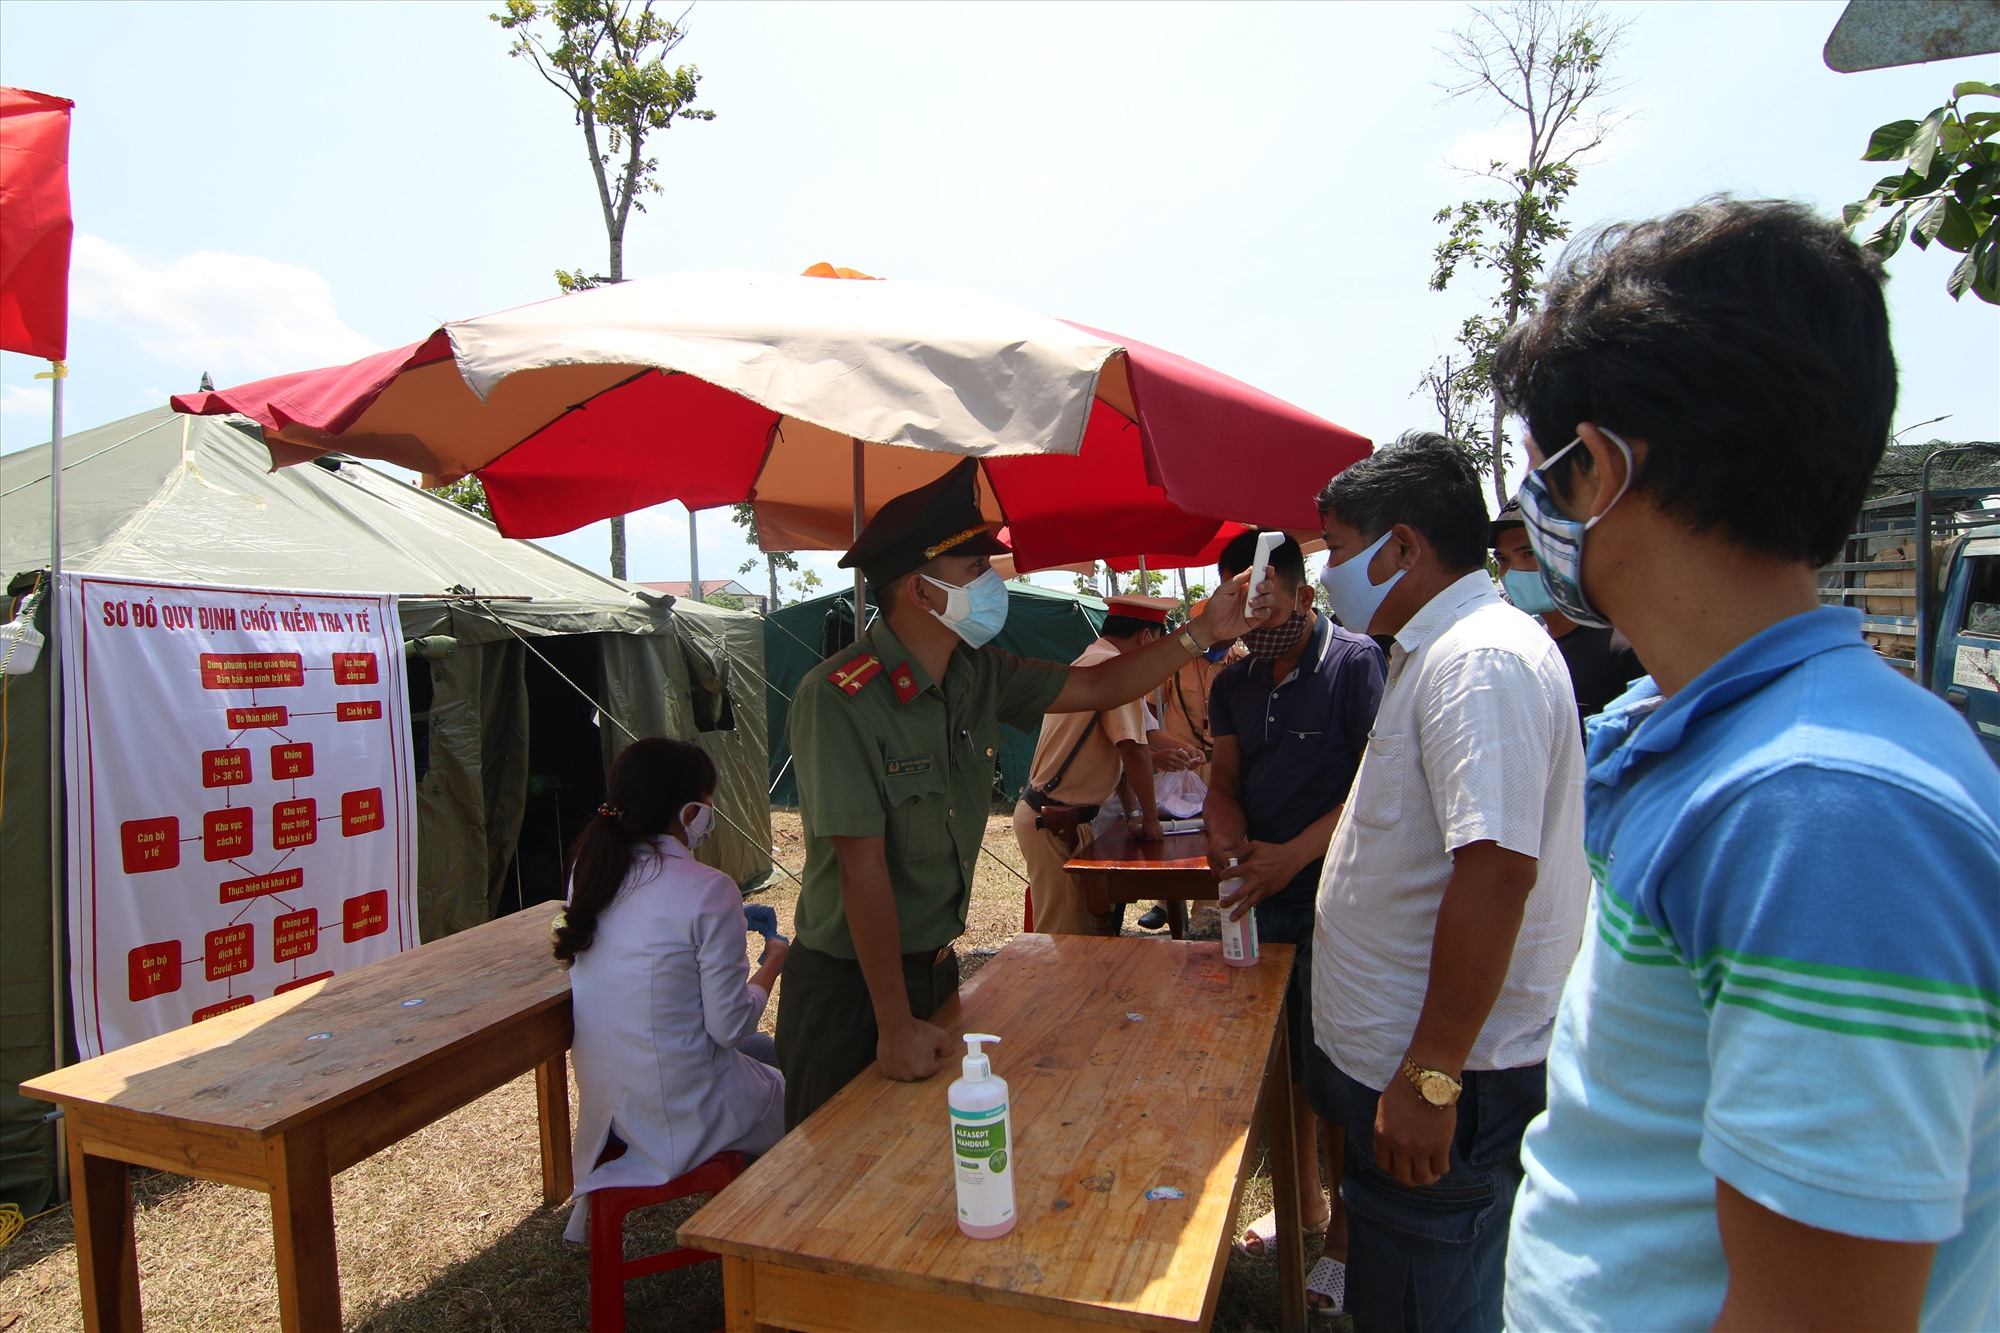 Trung úy Nguyễn Hồng Trung kiểm tra nhiệt độ cho tài xế và các hành khách tại chốt kiểm soát chống dịch Covid-19 Tam Hiệp (Núi Thành). Ảnh: T.C